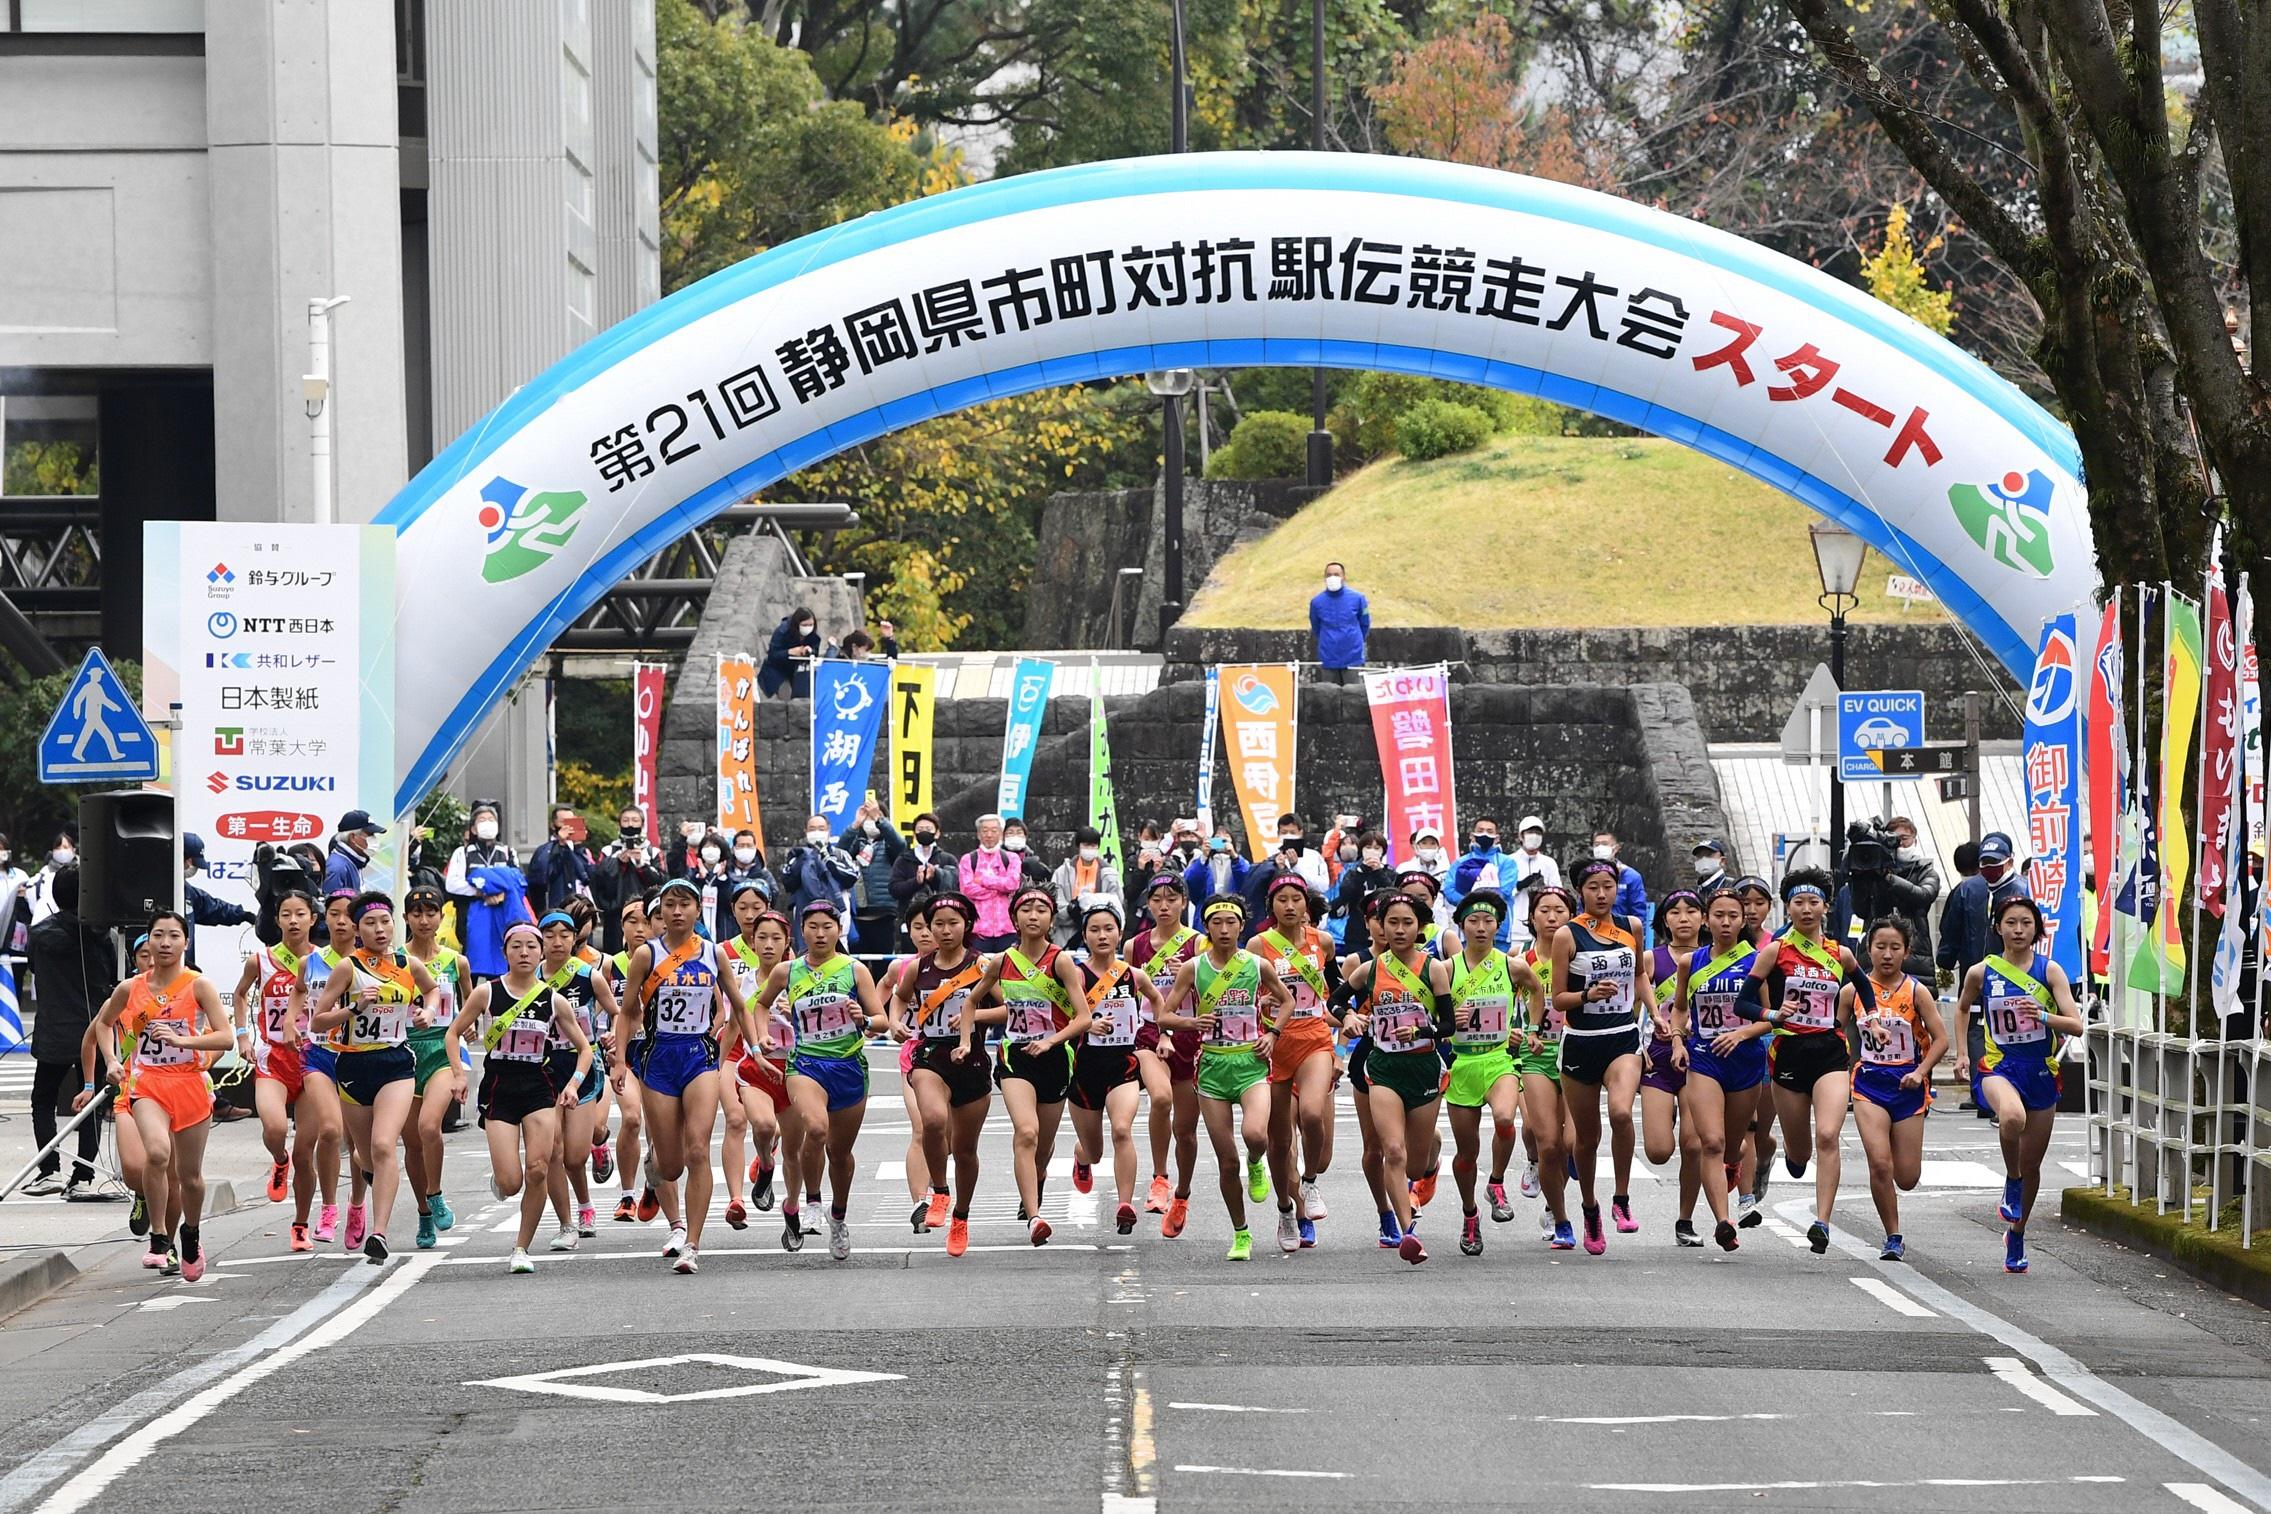 第21回静岡県市町対抗駅伝競走大会 掛川市選手団への応援ありがとうございました!